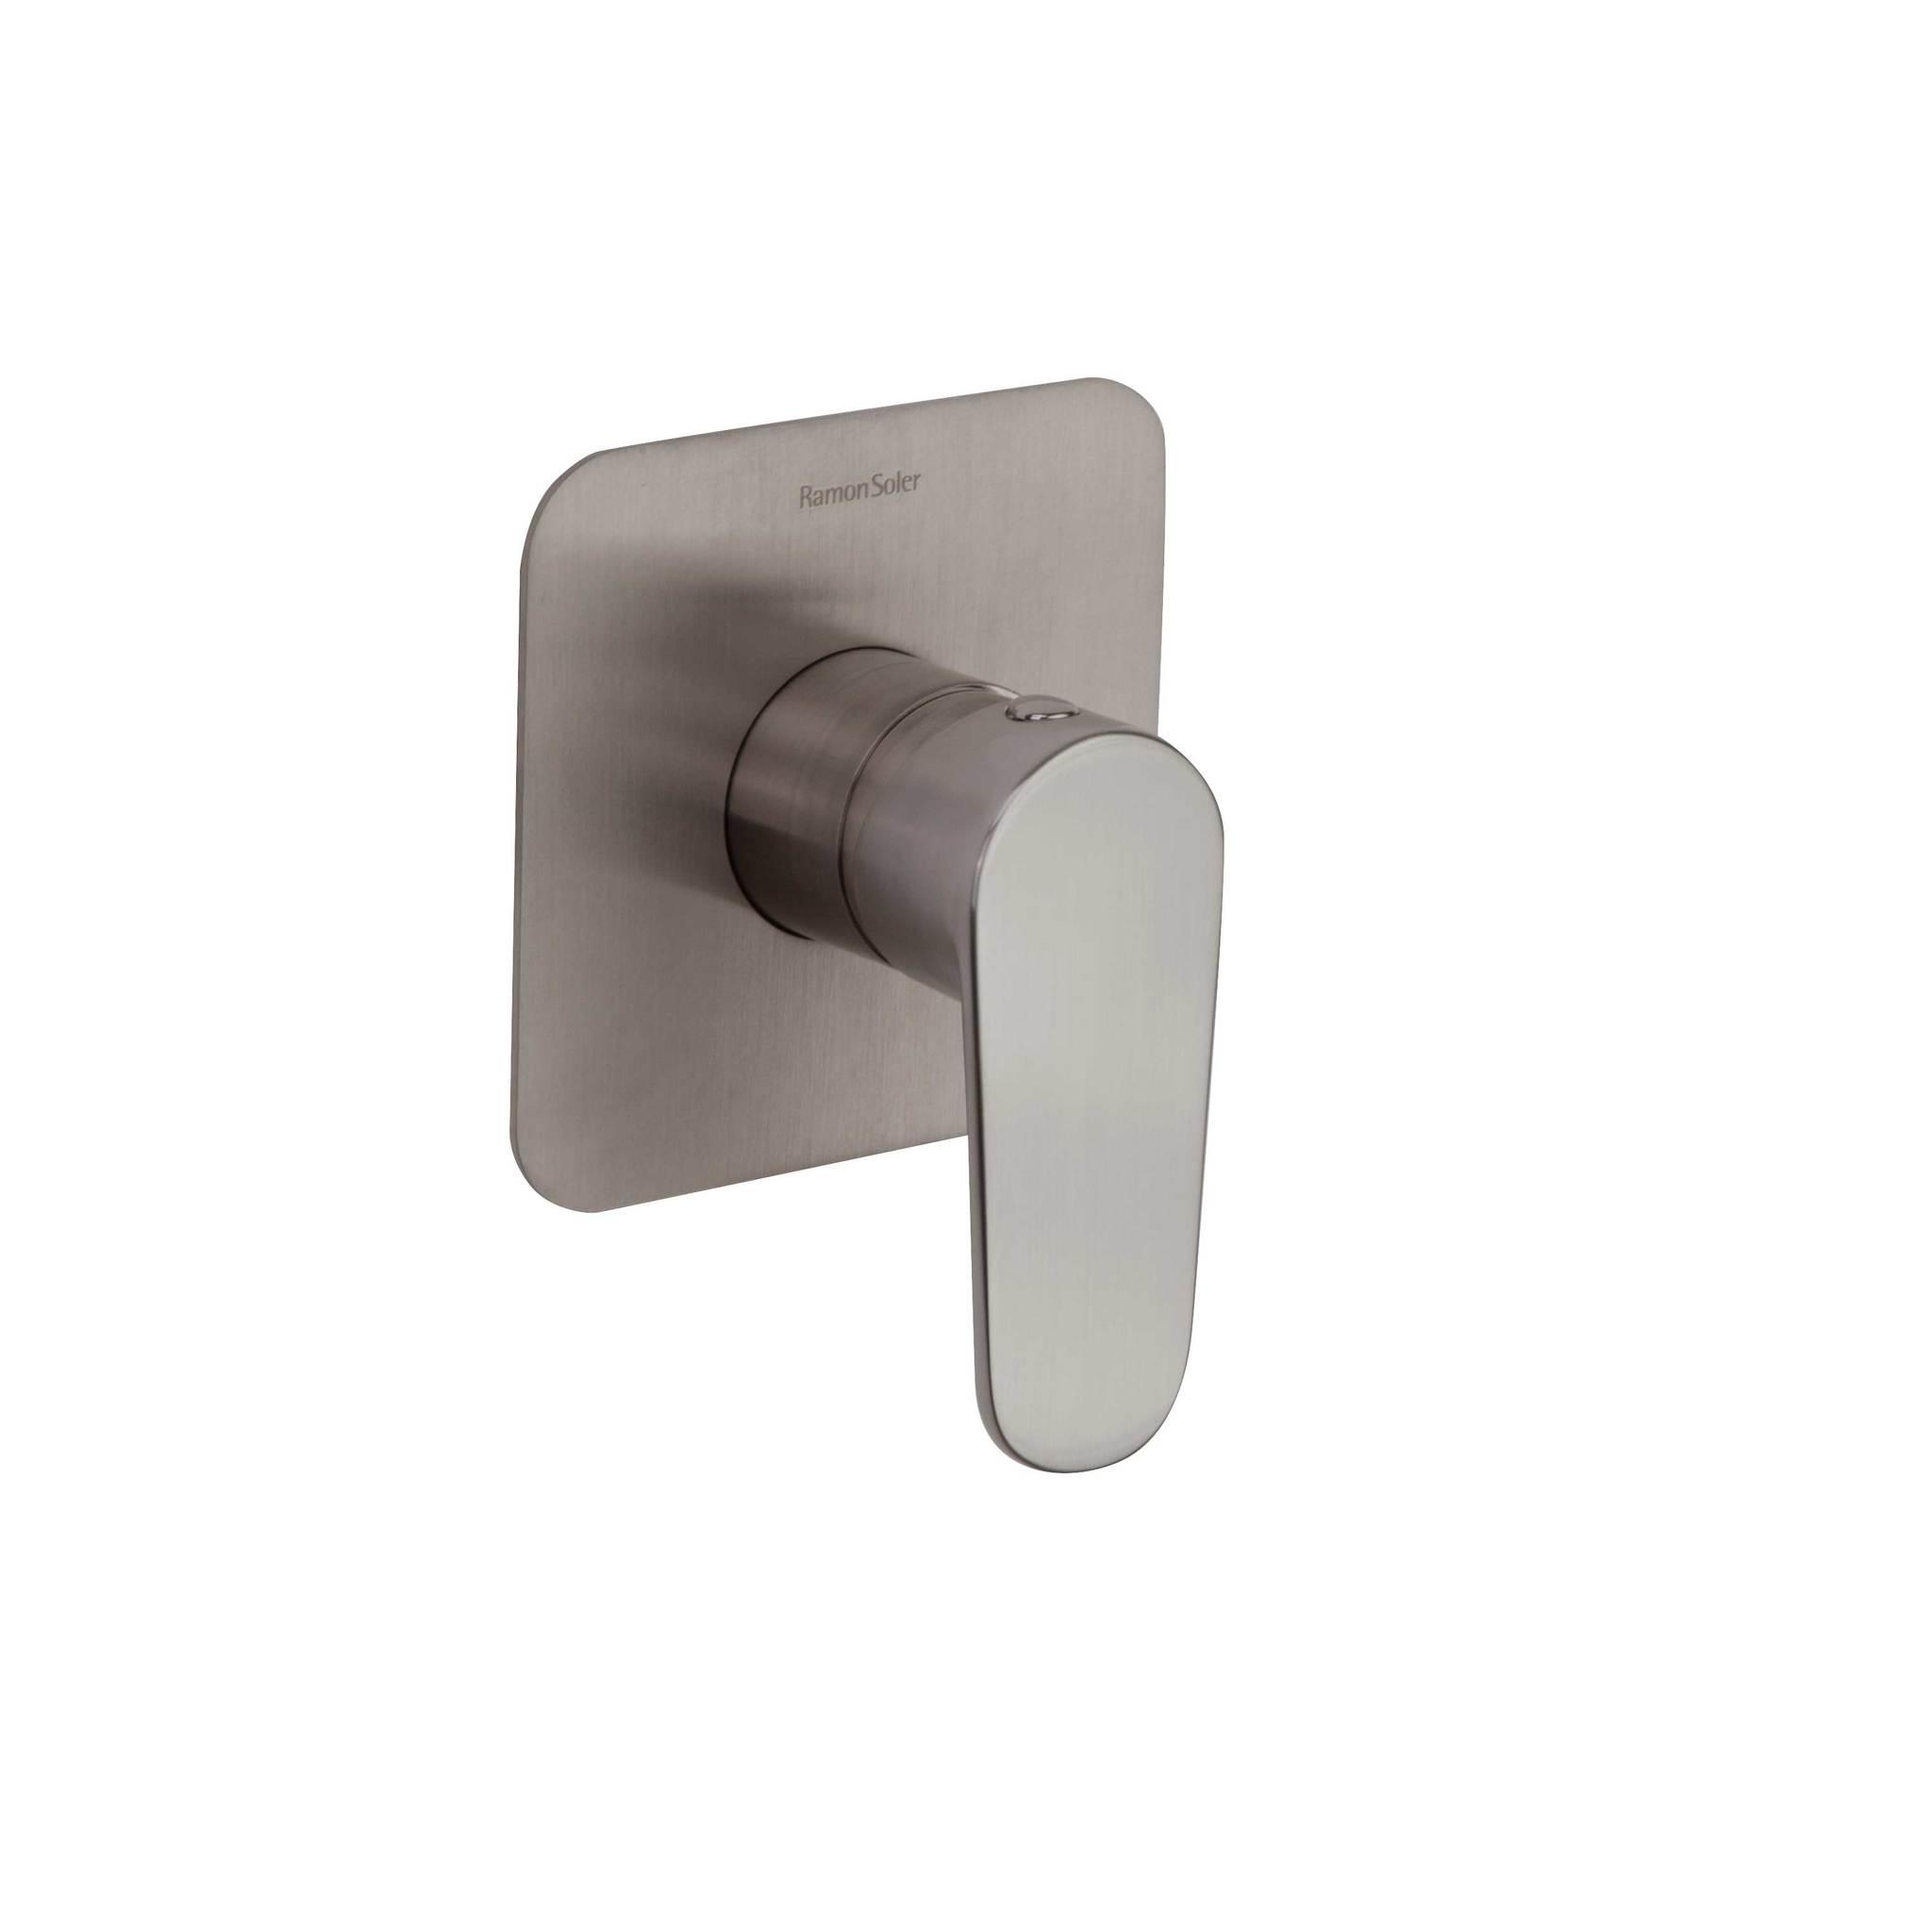 Встраиваемый смеситель для душа ALEXIA 361801SNC никель, на 1 выход